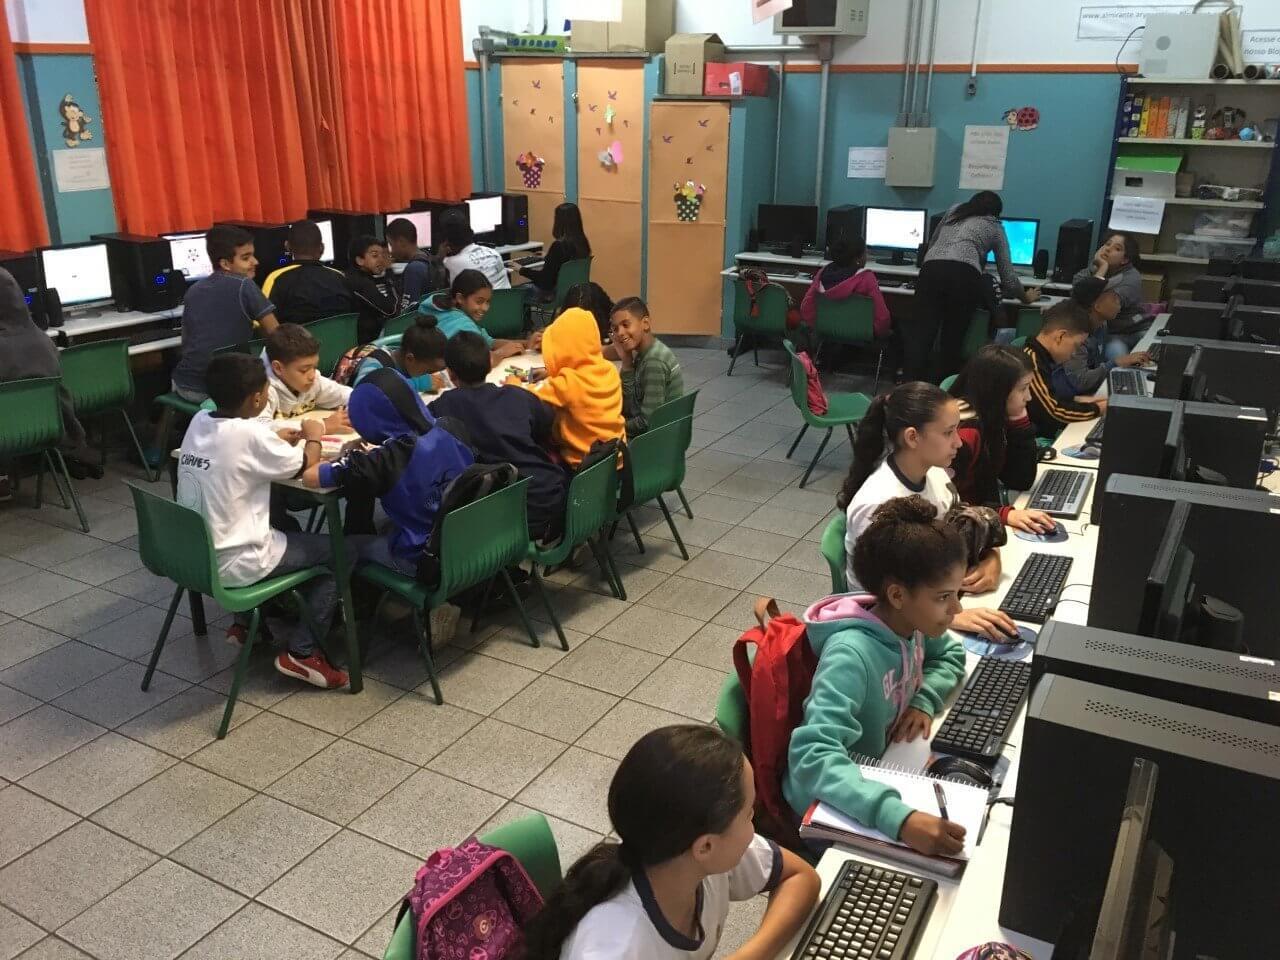 Pesquisa aponta baixa velocidade de conexão nas escolas públicas